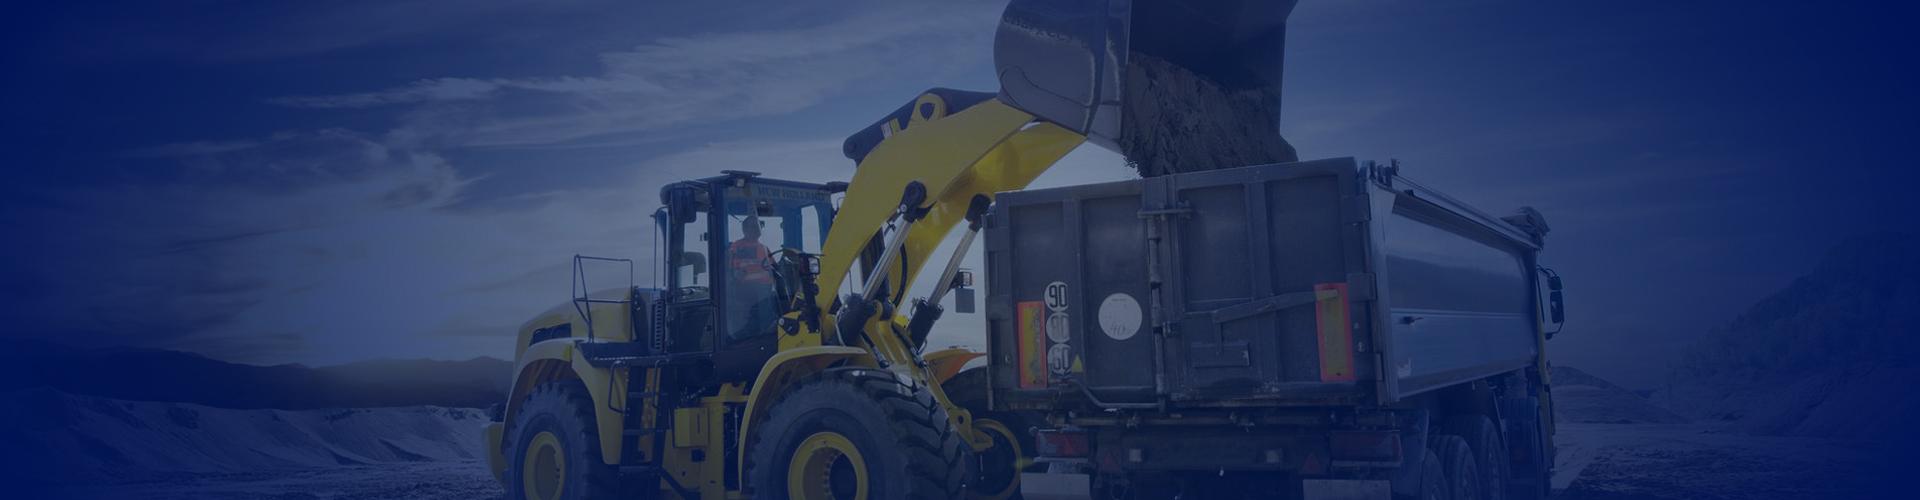 Steuererleichterung für Dieselöl für Nutzfahrzeuge | Tecnocompany